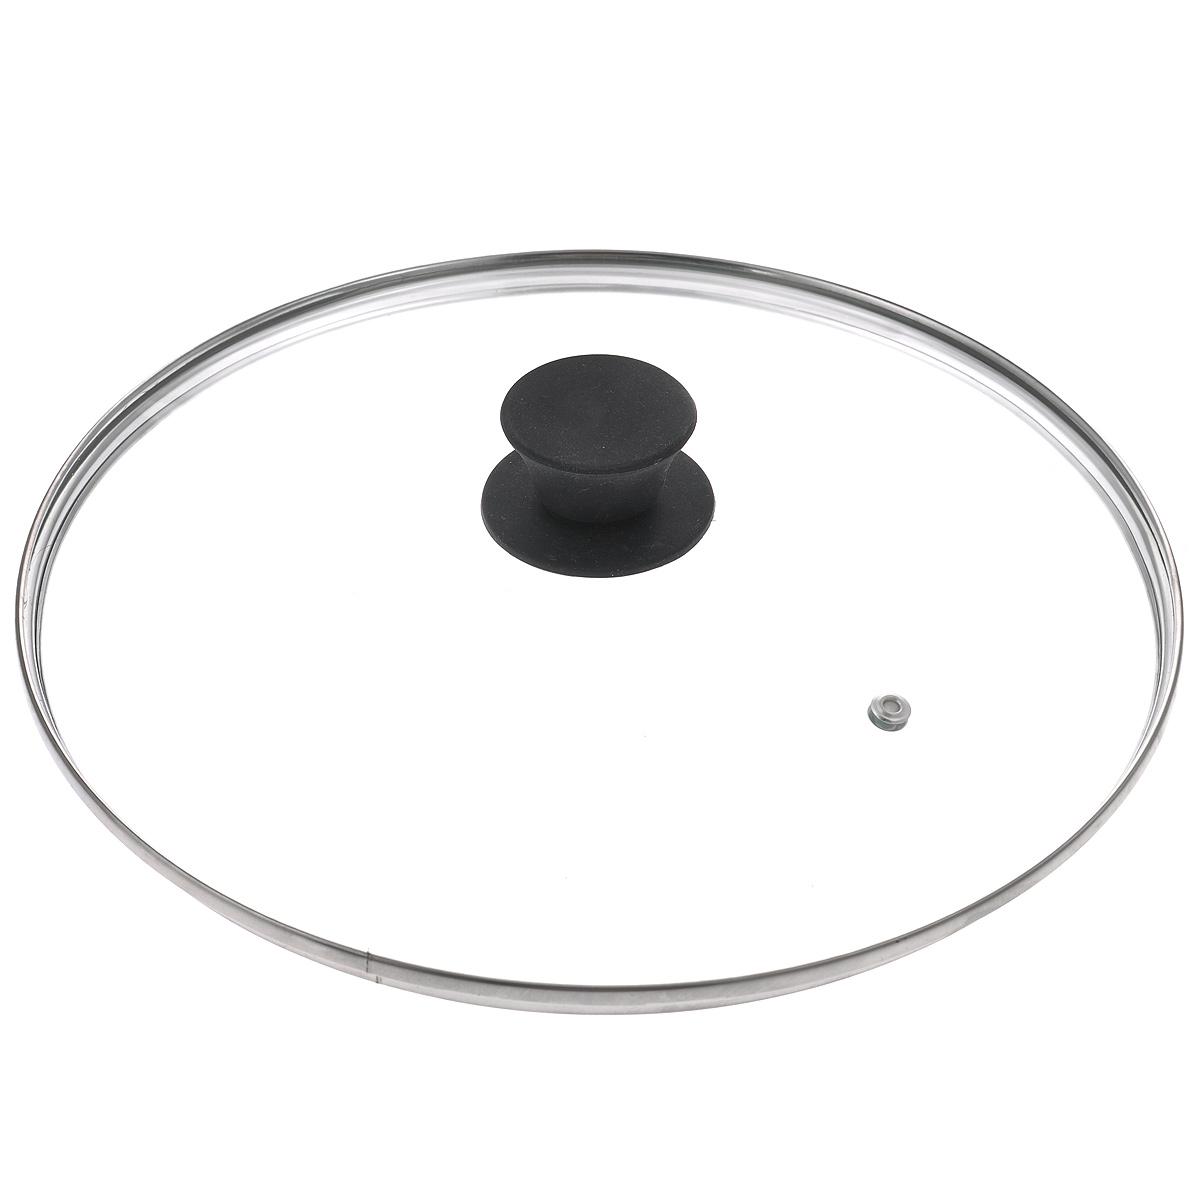 Крышка стеклянная Jarko Silk, цвет: черный. Диаметр 28 смКС*GTL28110 SilkКрышка Jarko Silk, изготовленная из термостойкого стекла, позволяет контролировать процесс приготовления пищи без потери тепла. Ободок из нержавеющей стали предотвращает сколы на стекле. Крышка оснащена отверстием для паровыпуска. Эргономичная силиконовая ручка не скользит в руках и не нагревается в процессе приготовления пищи.